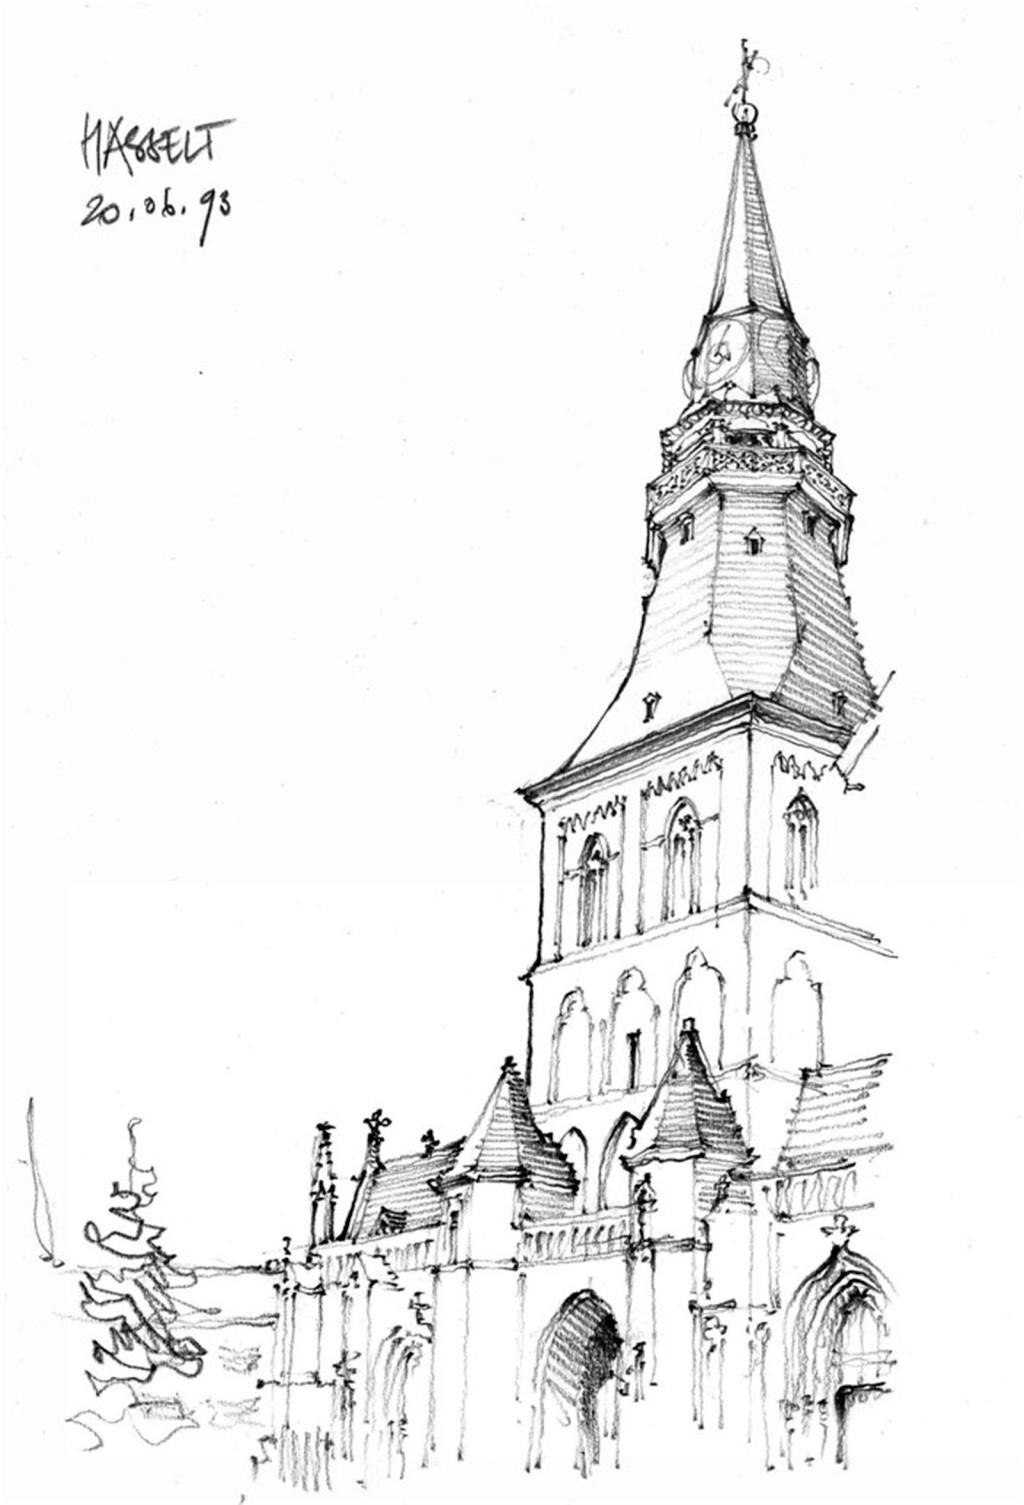 欧式建筑平面图素材 建筑效果图素材免费下载 手绘图 图纸 城堡